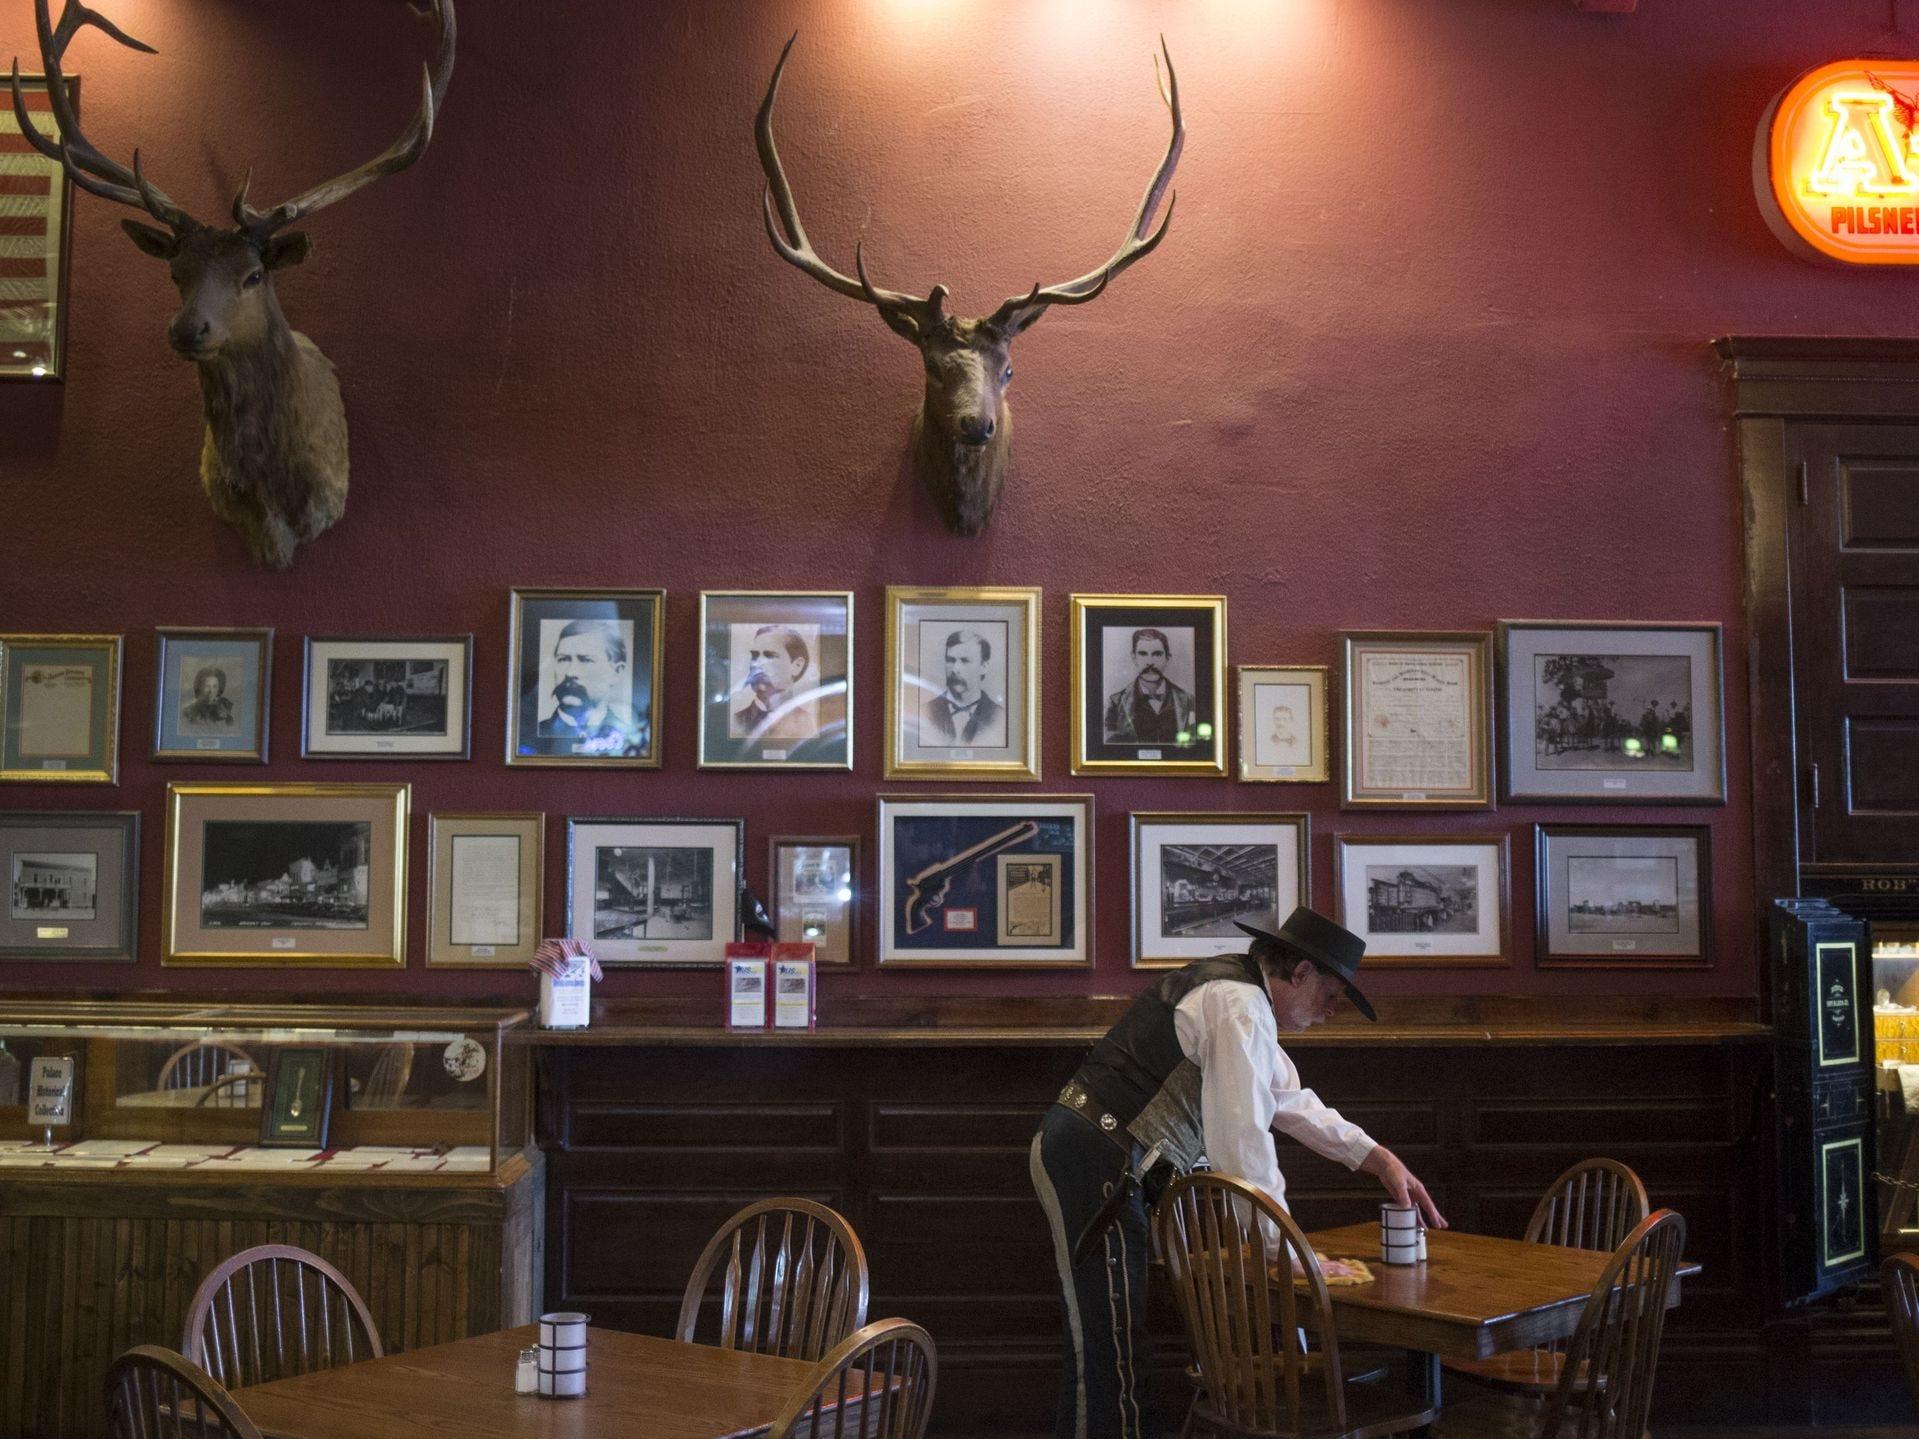 Steve Waller el 6 de noviembre de 2017, en el Palace Saloon y en el restaurante 120 S. Montezuma Street, Prescott, Arizona.